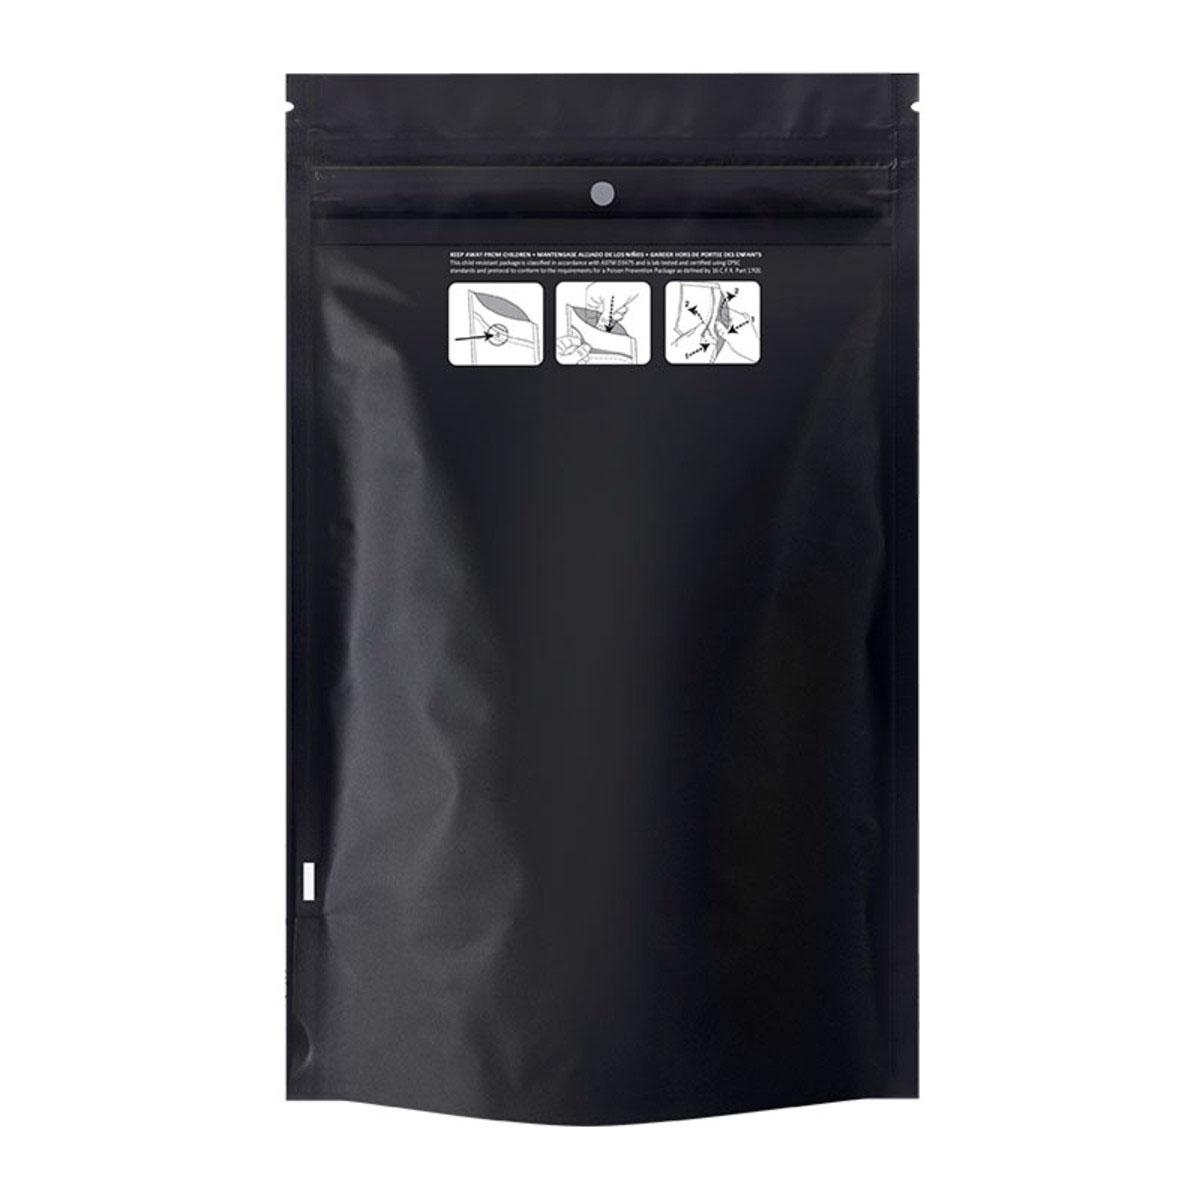 Ounce Dymapak™ Child Resistant Bag Black (1,000 Qty.)